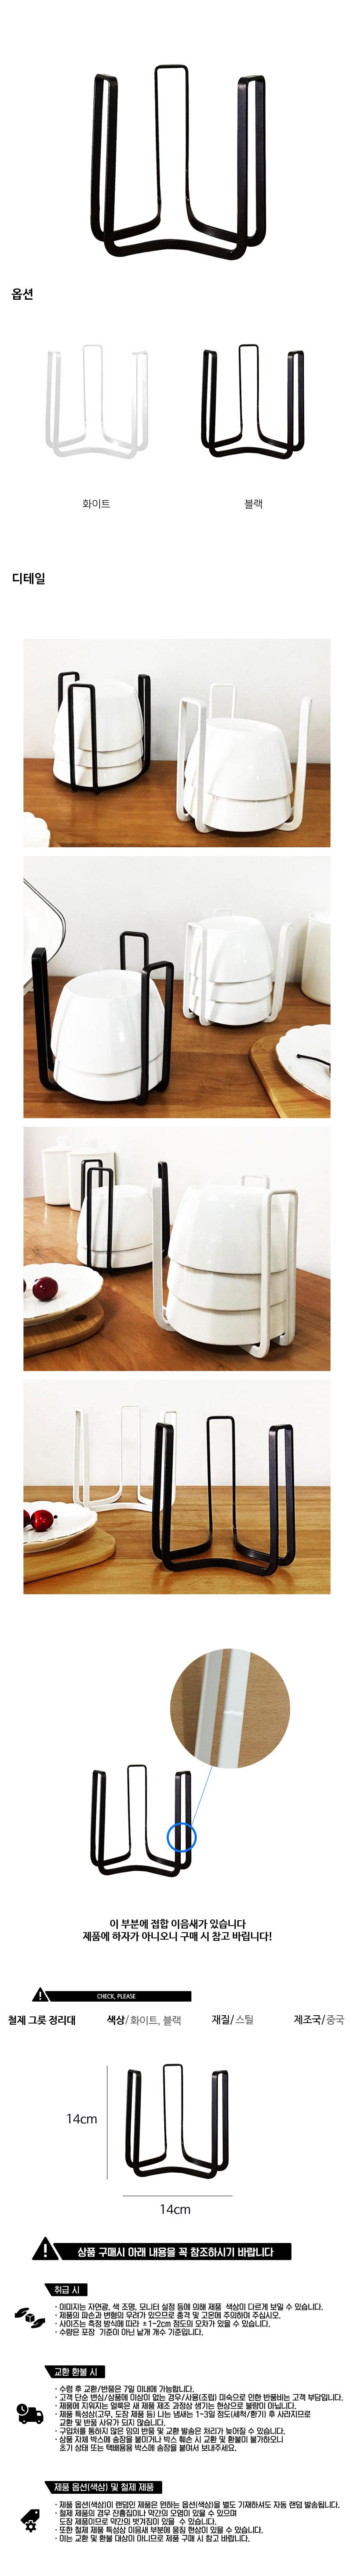 모던 철제그릇정리대1개(색상랜덤) - 콕닷컴, 5,200원, 주방수납용품, 진열 보관대